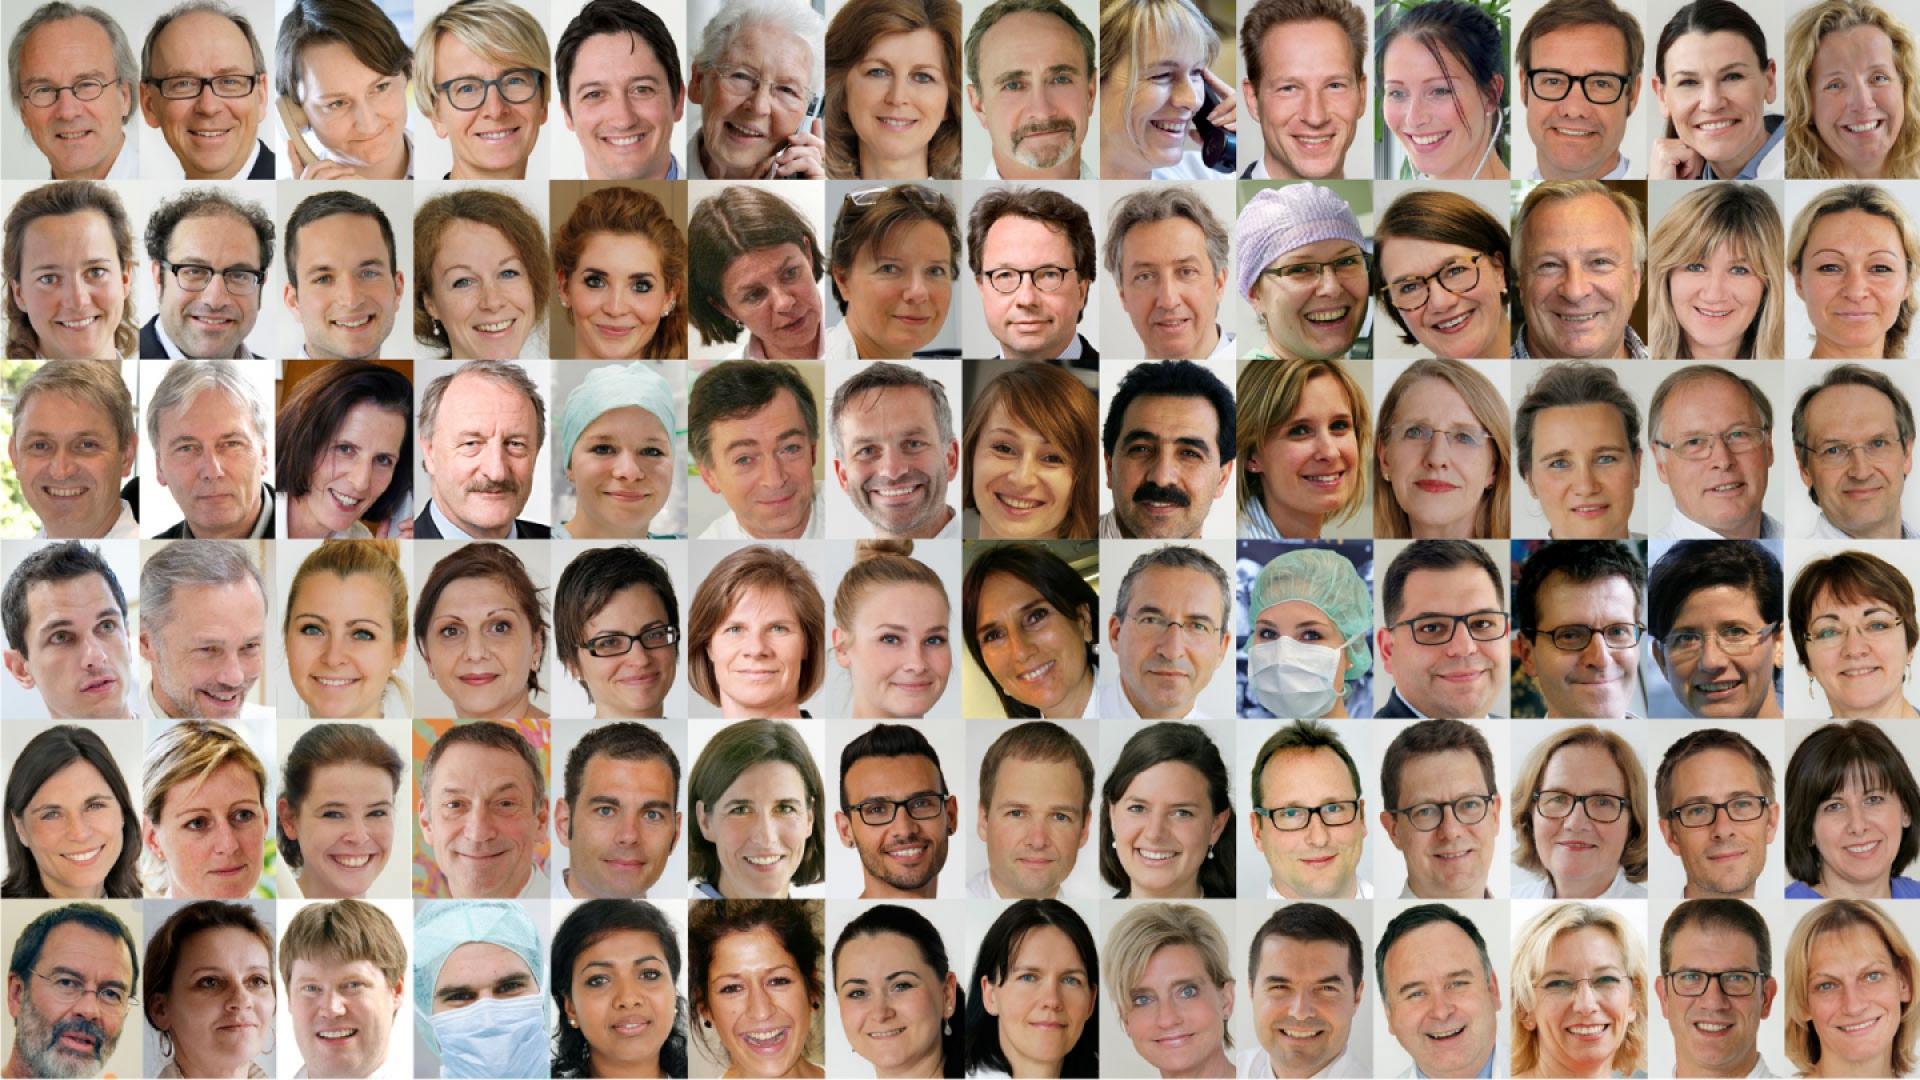 Die Mitarbeiter stehen hinter dem Leitbild des Klinikums